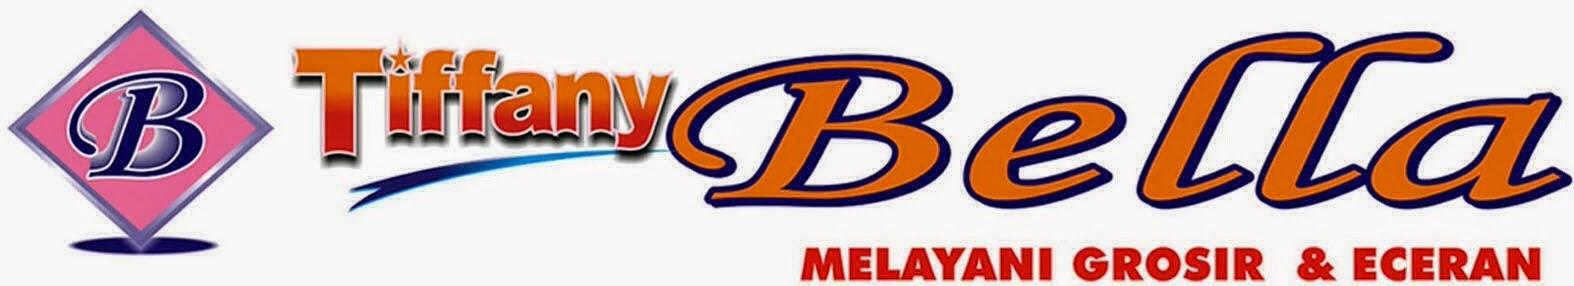 Lowongan Kerja Min Lulusan SMP sebagai Karyawan di Toko Tiffany Bella – Yogyakarta